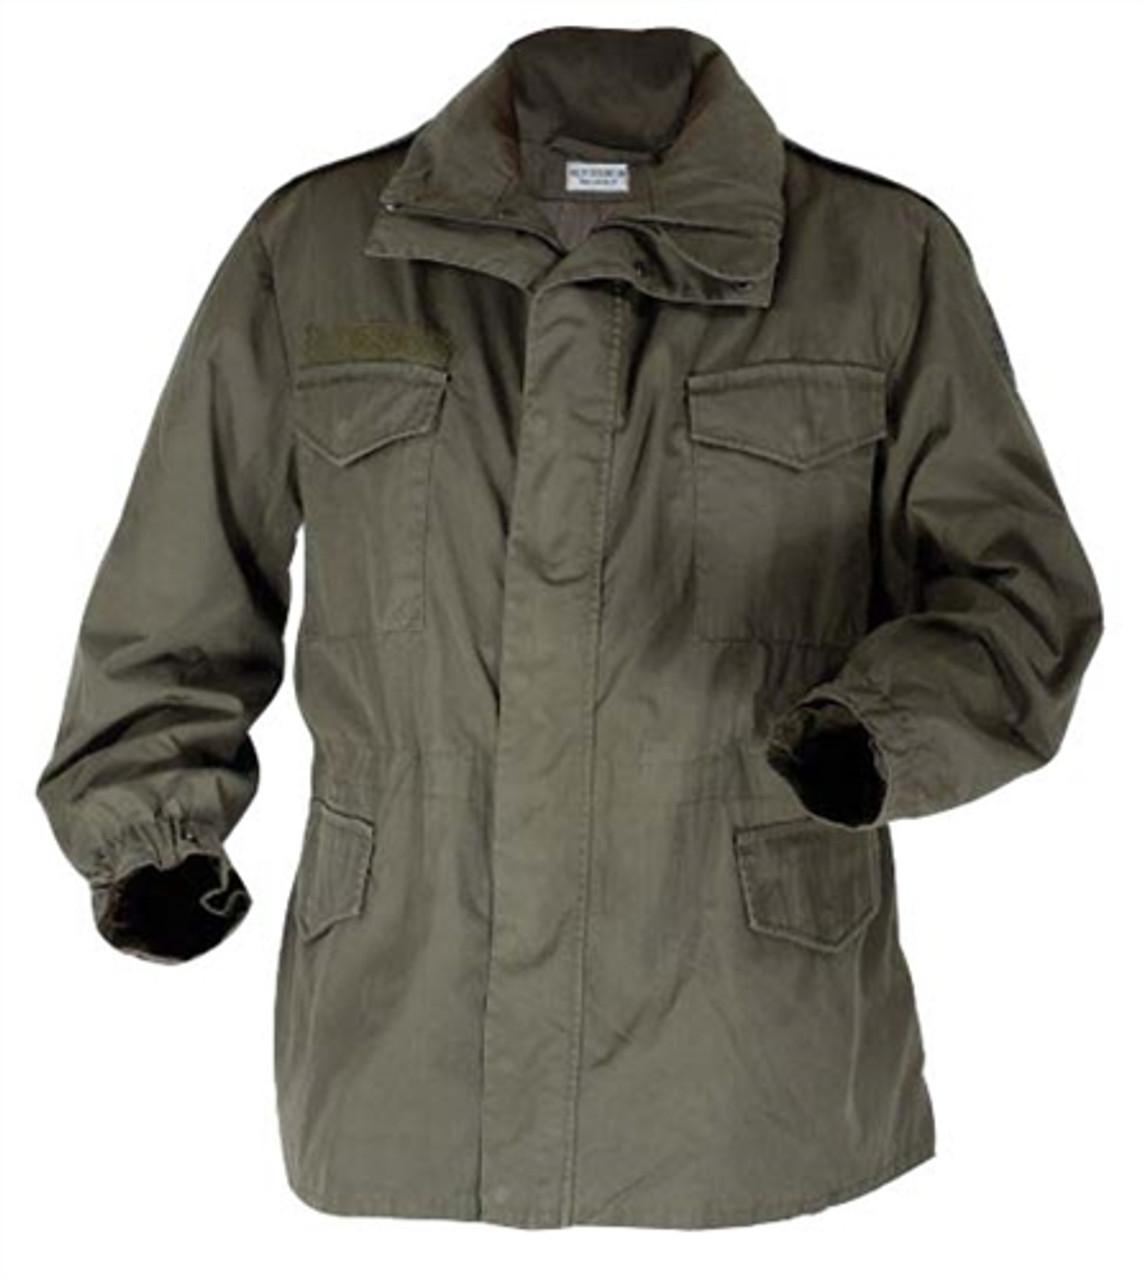 Austrian Army Field Jacket from Hessen Surplus